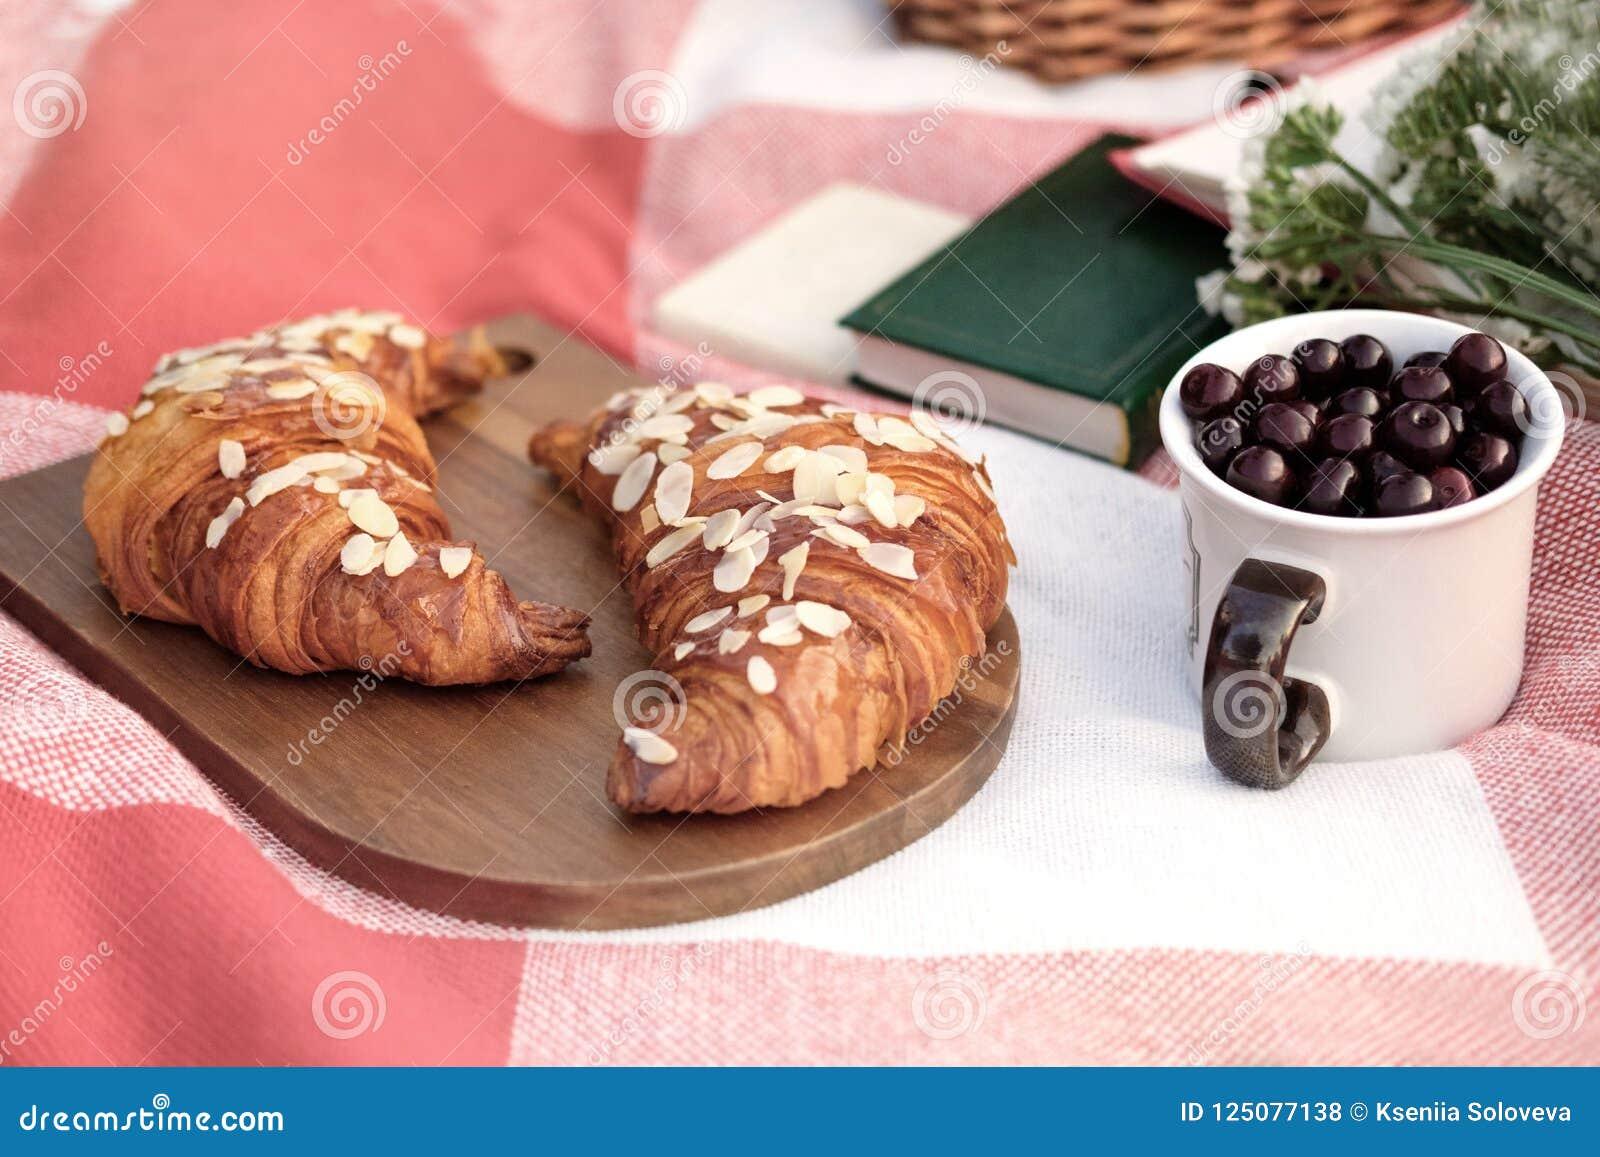 Θερινό πικ-νίκ Ένα γυαλί με ένα κεράσι, δύο croissants σε έναν ξύλινο πίνακα, μια ανθοδέσμη των άσπρων λουλουδιών, βιβλία